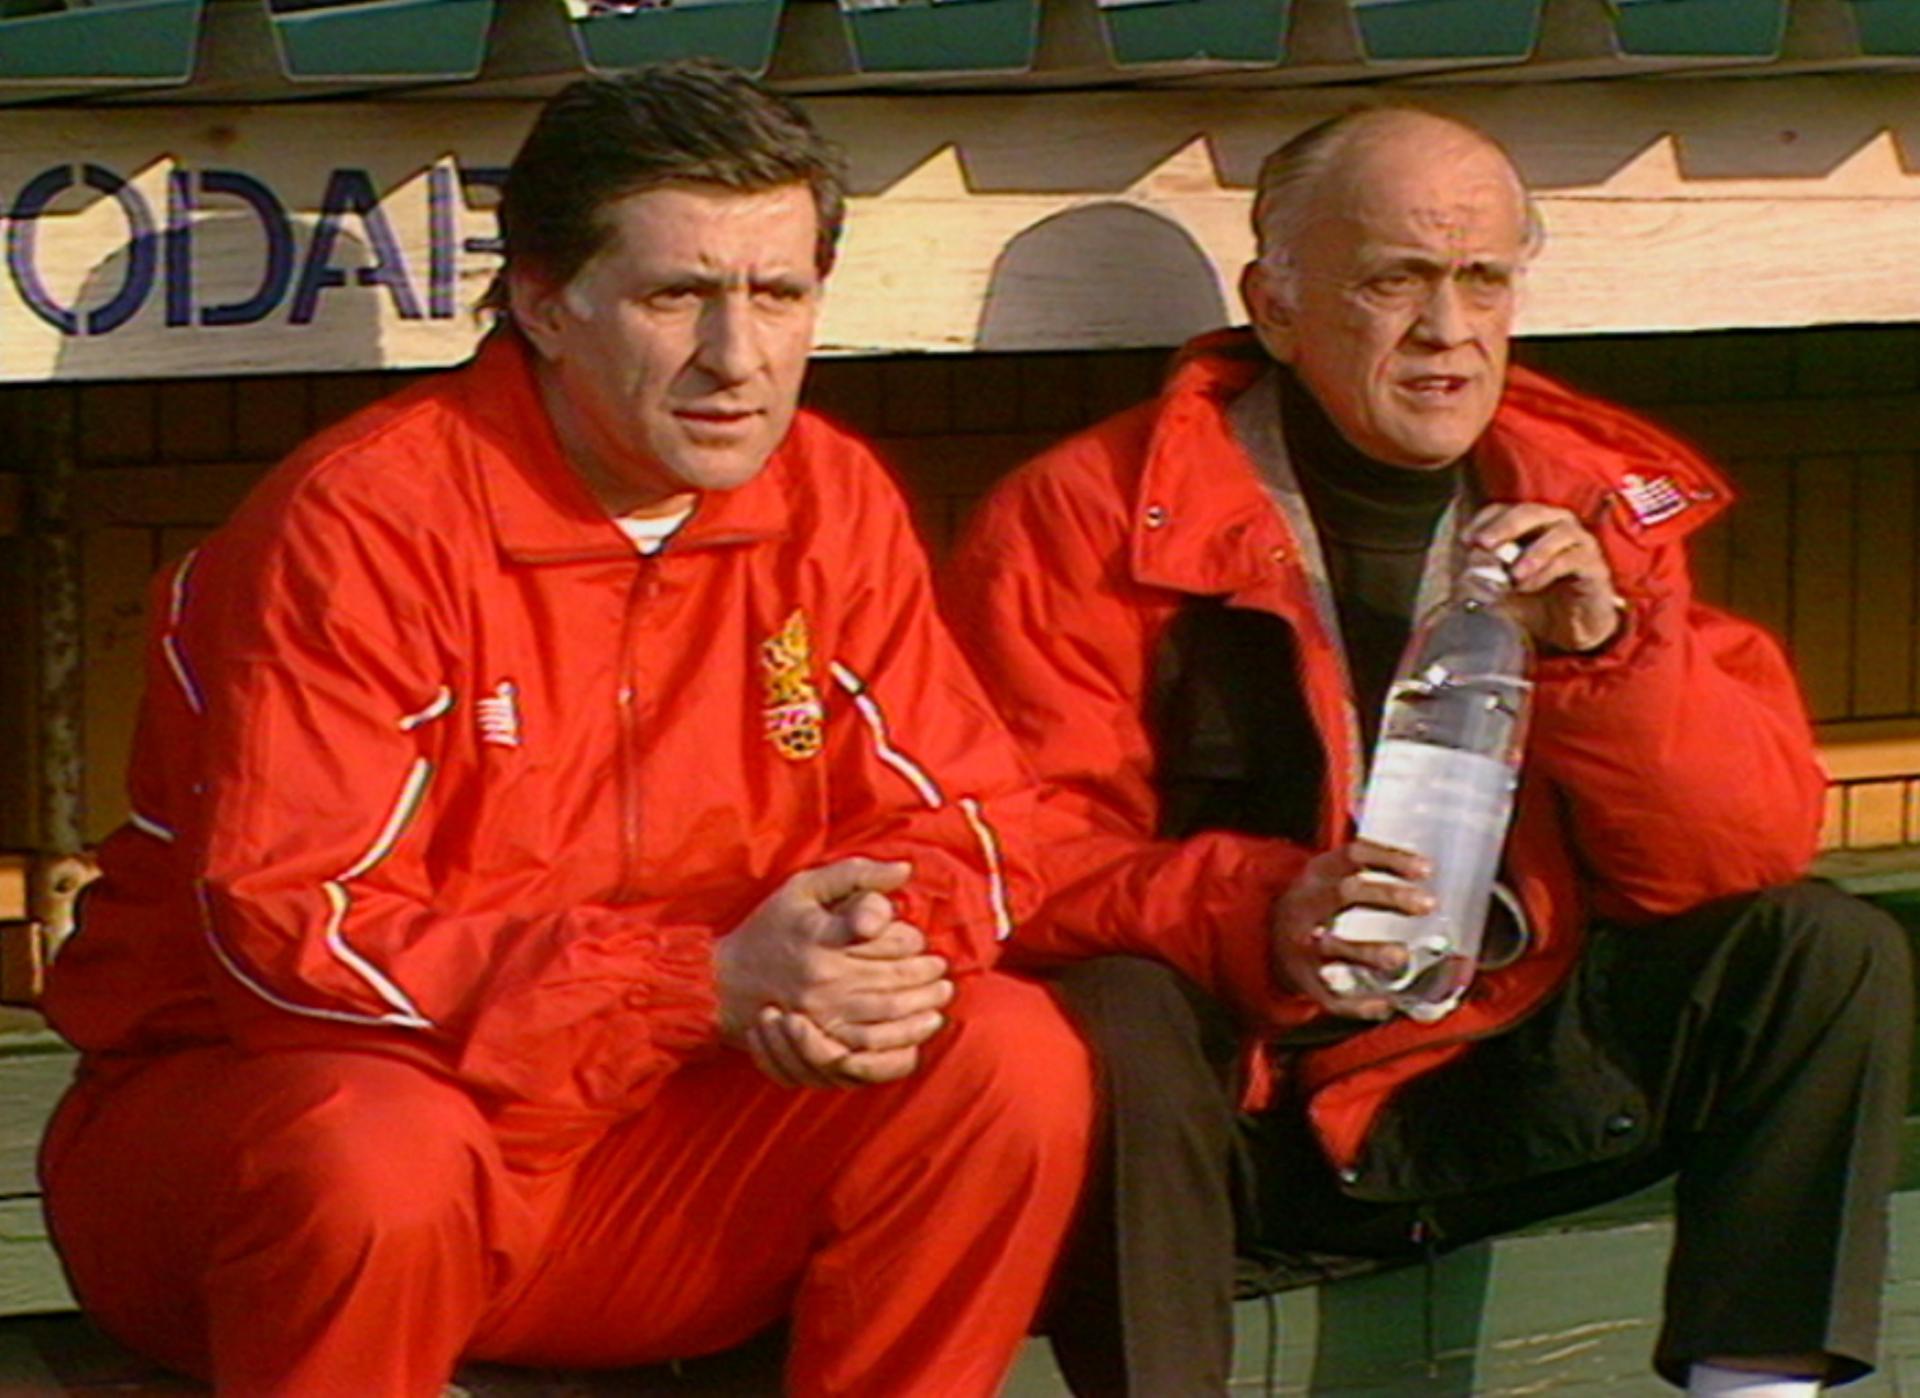 Andrzej Strejlau i Lesław Ćmikiewicz podczas meczu Polska - Finlandia 2:1 (13.04.1993).